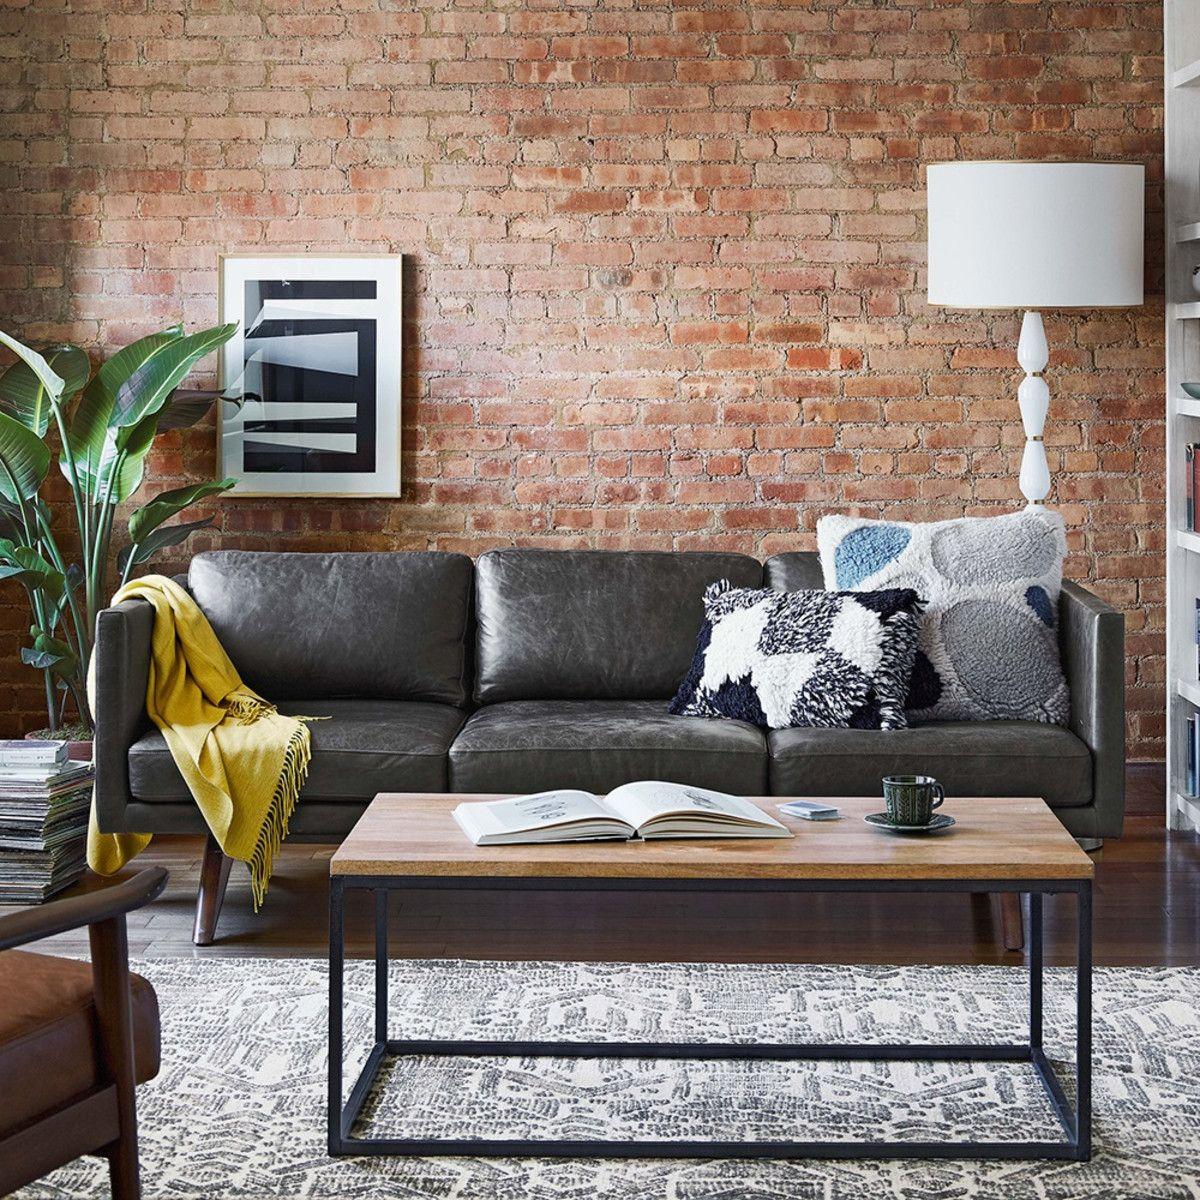 Brooklyn Leather Sofa (206 Cm)